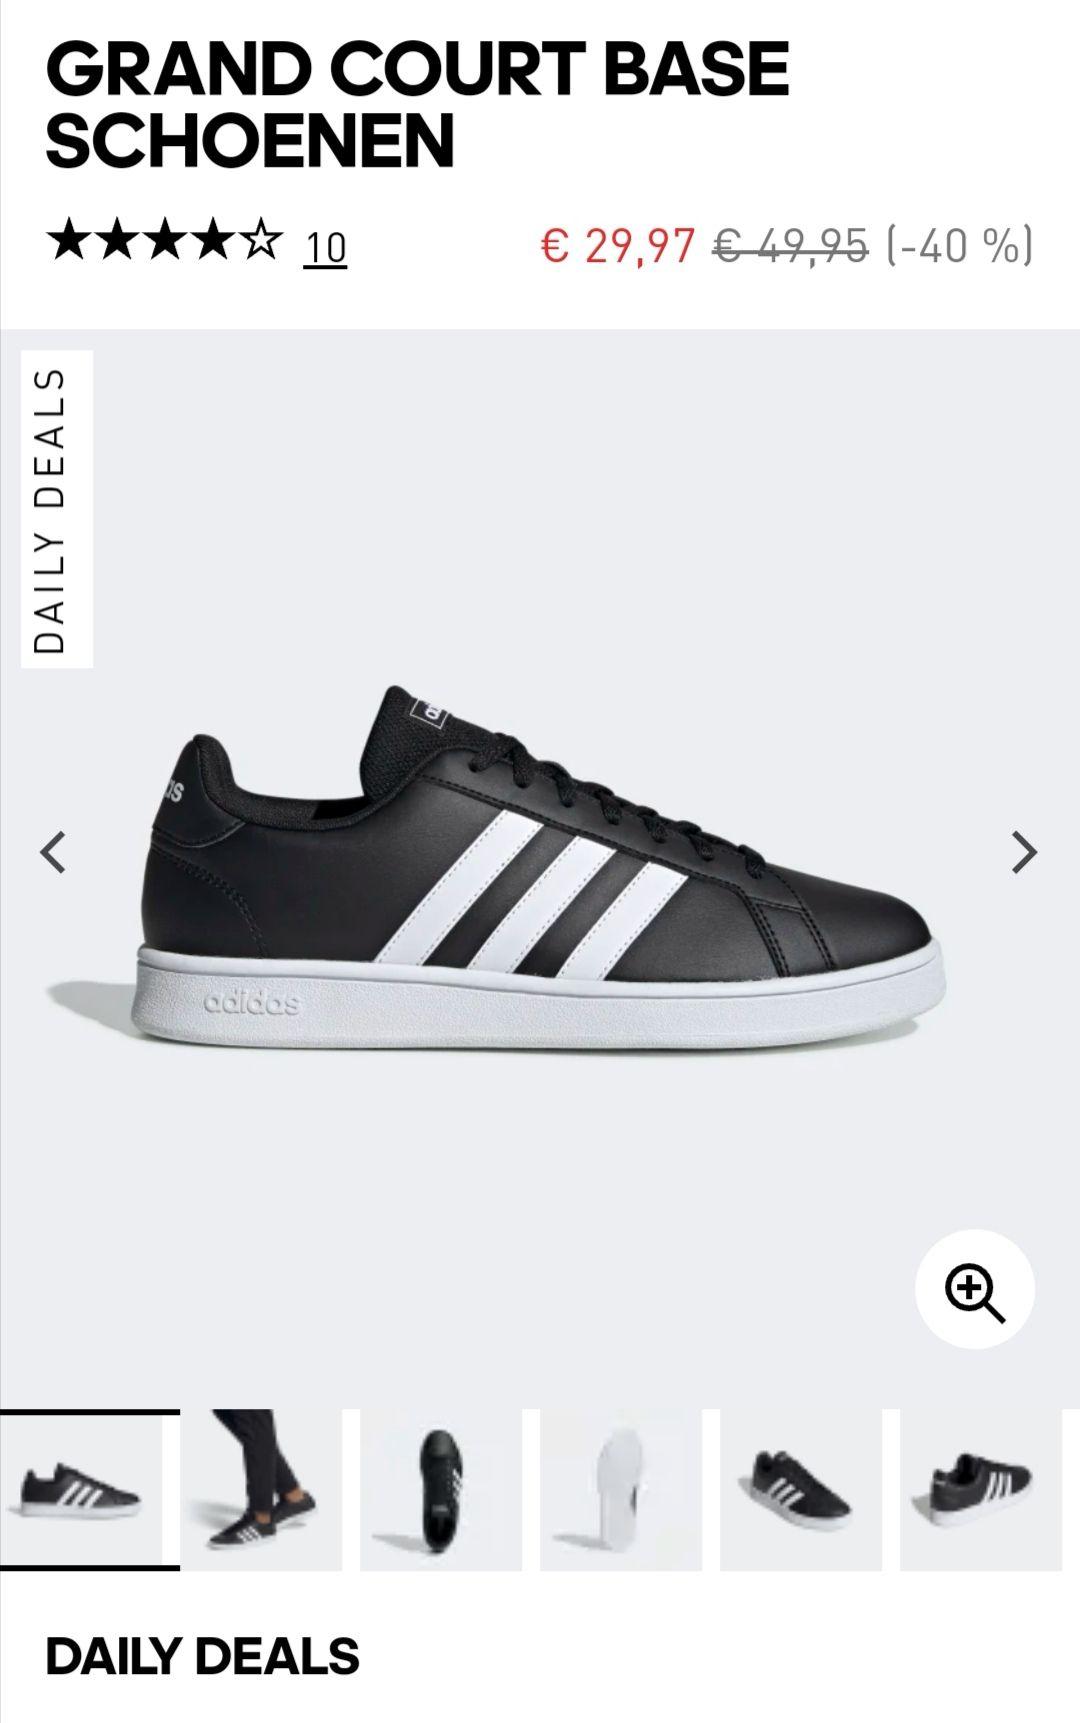 Adidas Grand Court Base schoenen zwart voor €22,97